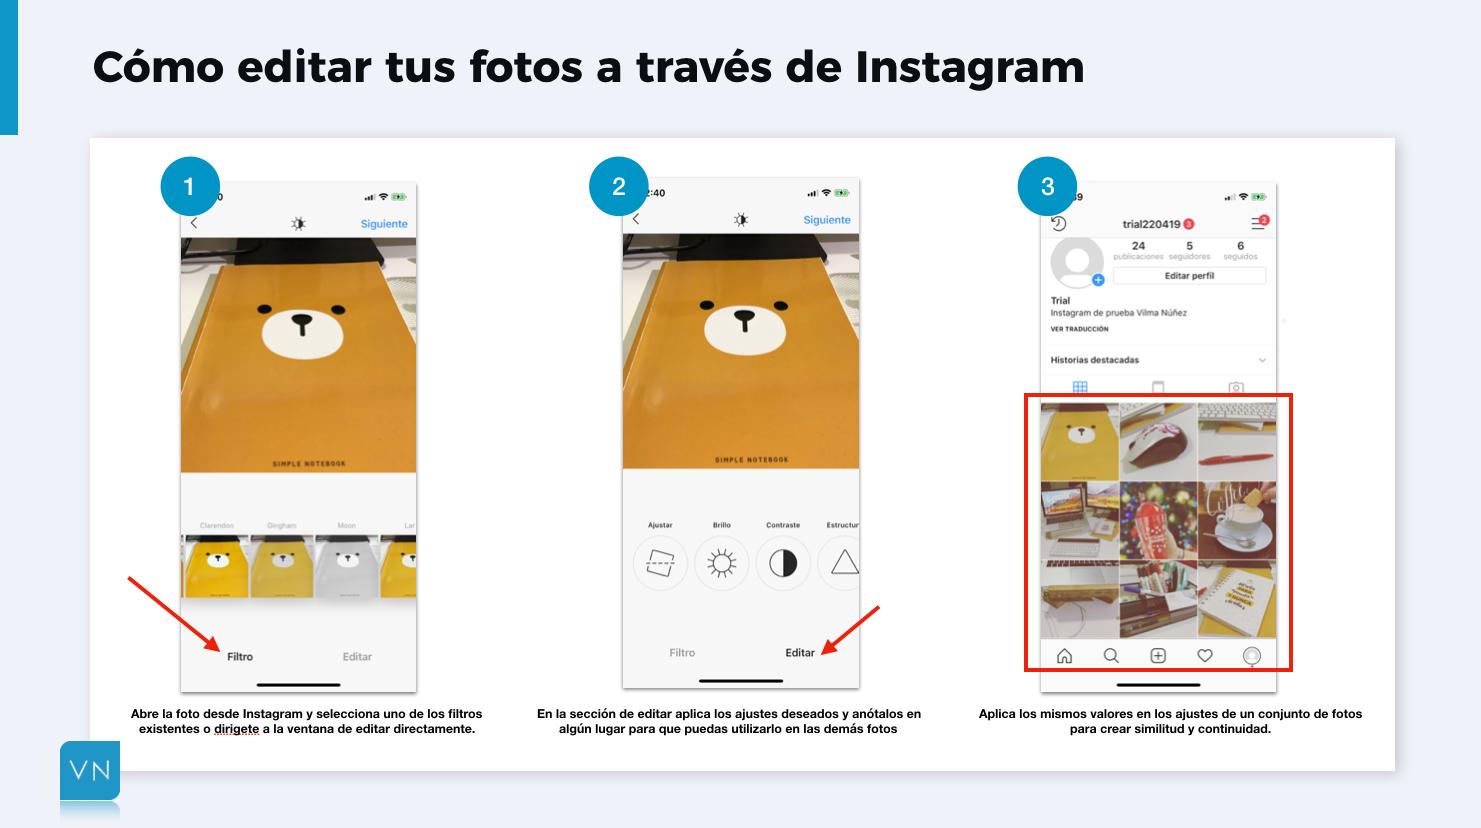 editar fotos para Instagram en la app